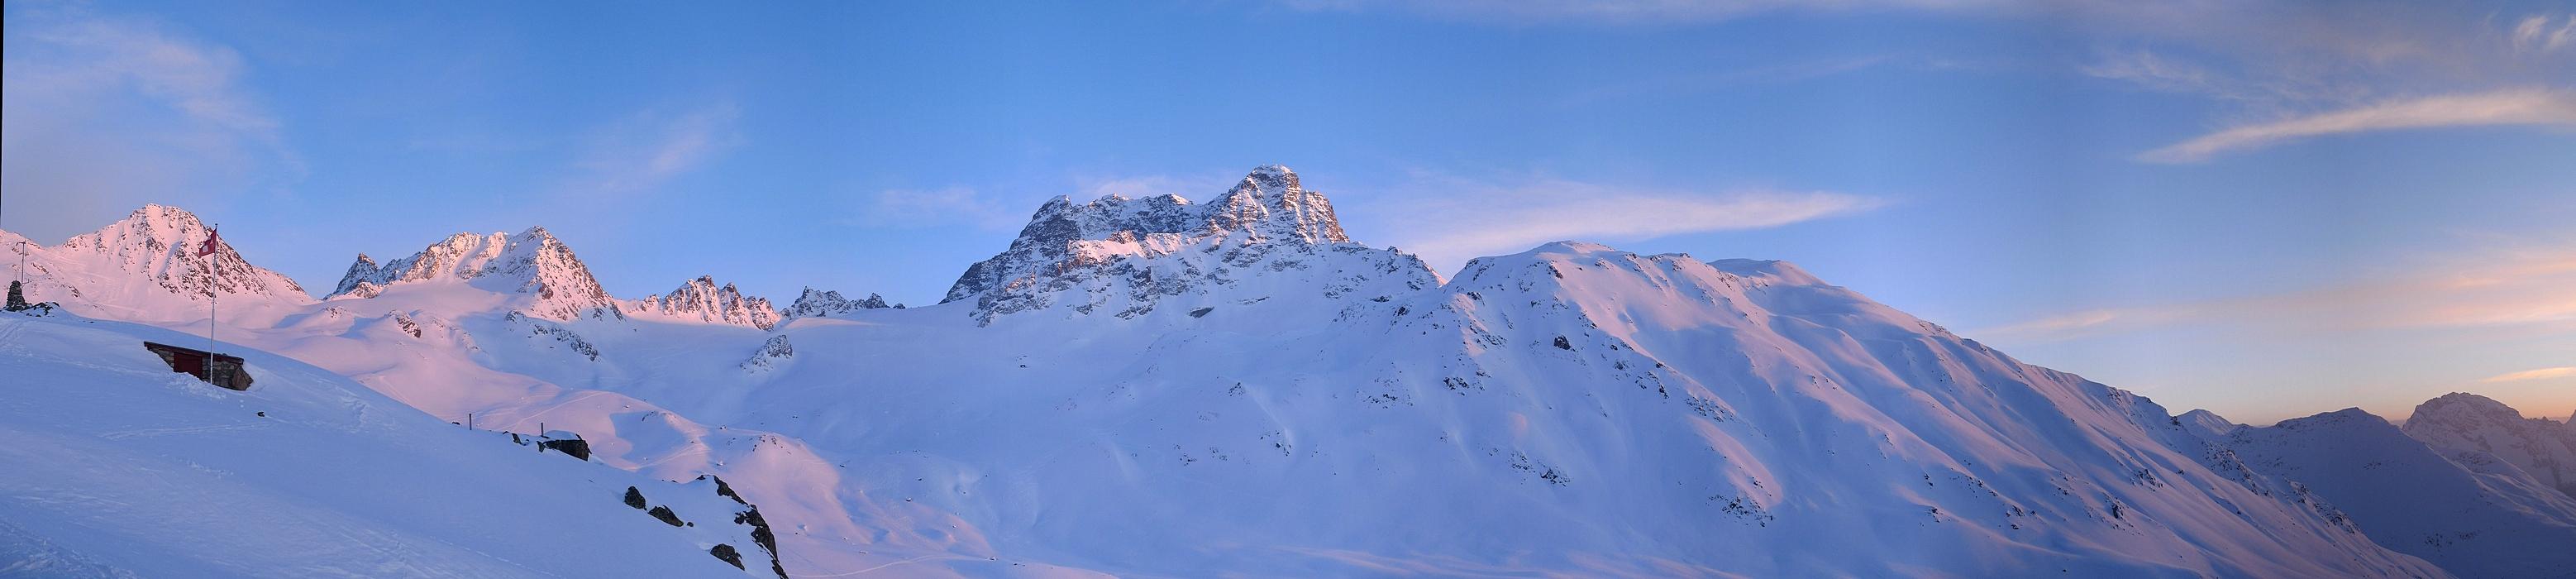 Keschhütte / Chamanna digl Kesch Albula Alpen Švýcarsko panorama 01